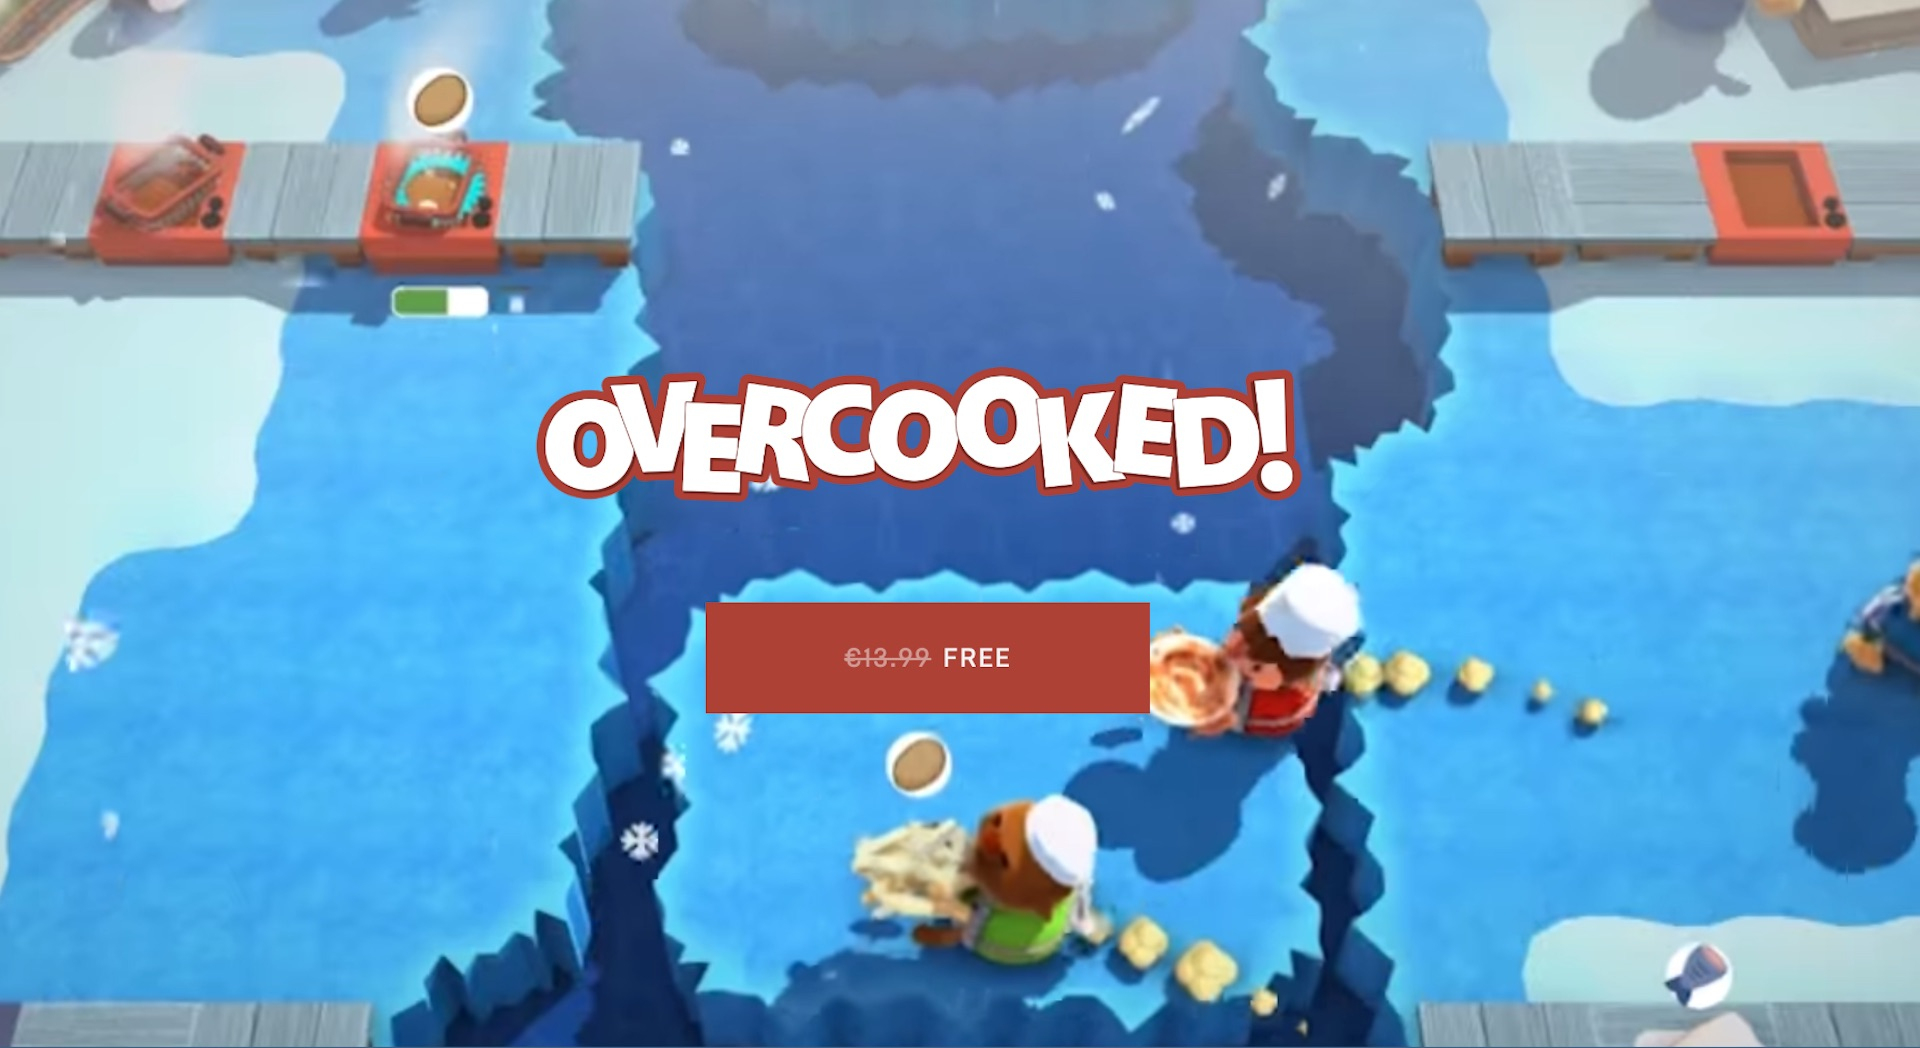 Overcooked Est Temporairement Gratuit : Foncez Télécharger destiné Jeux Pc Sans Telechargement